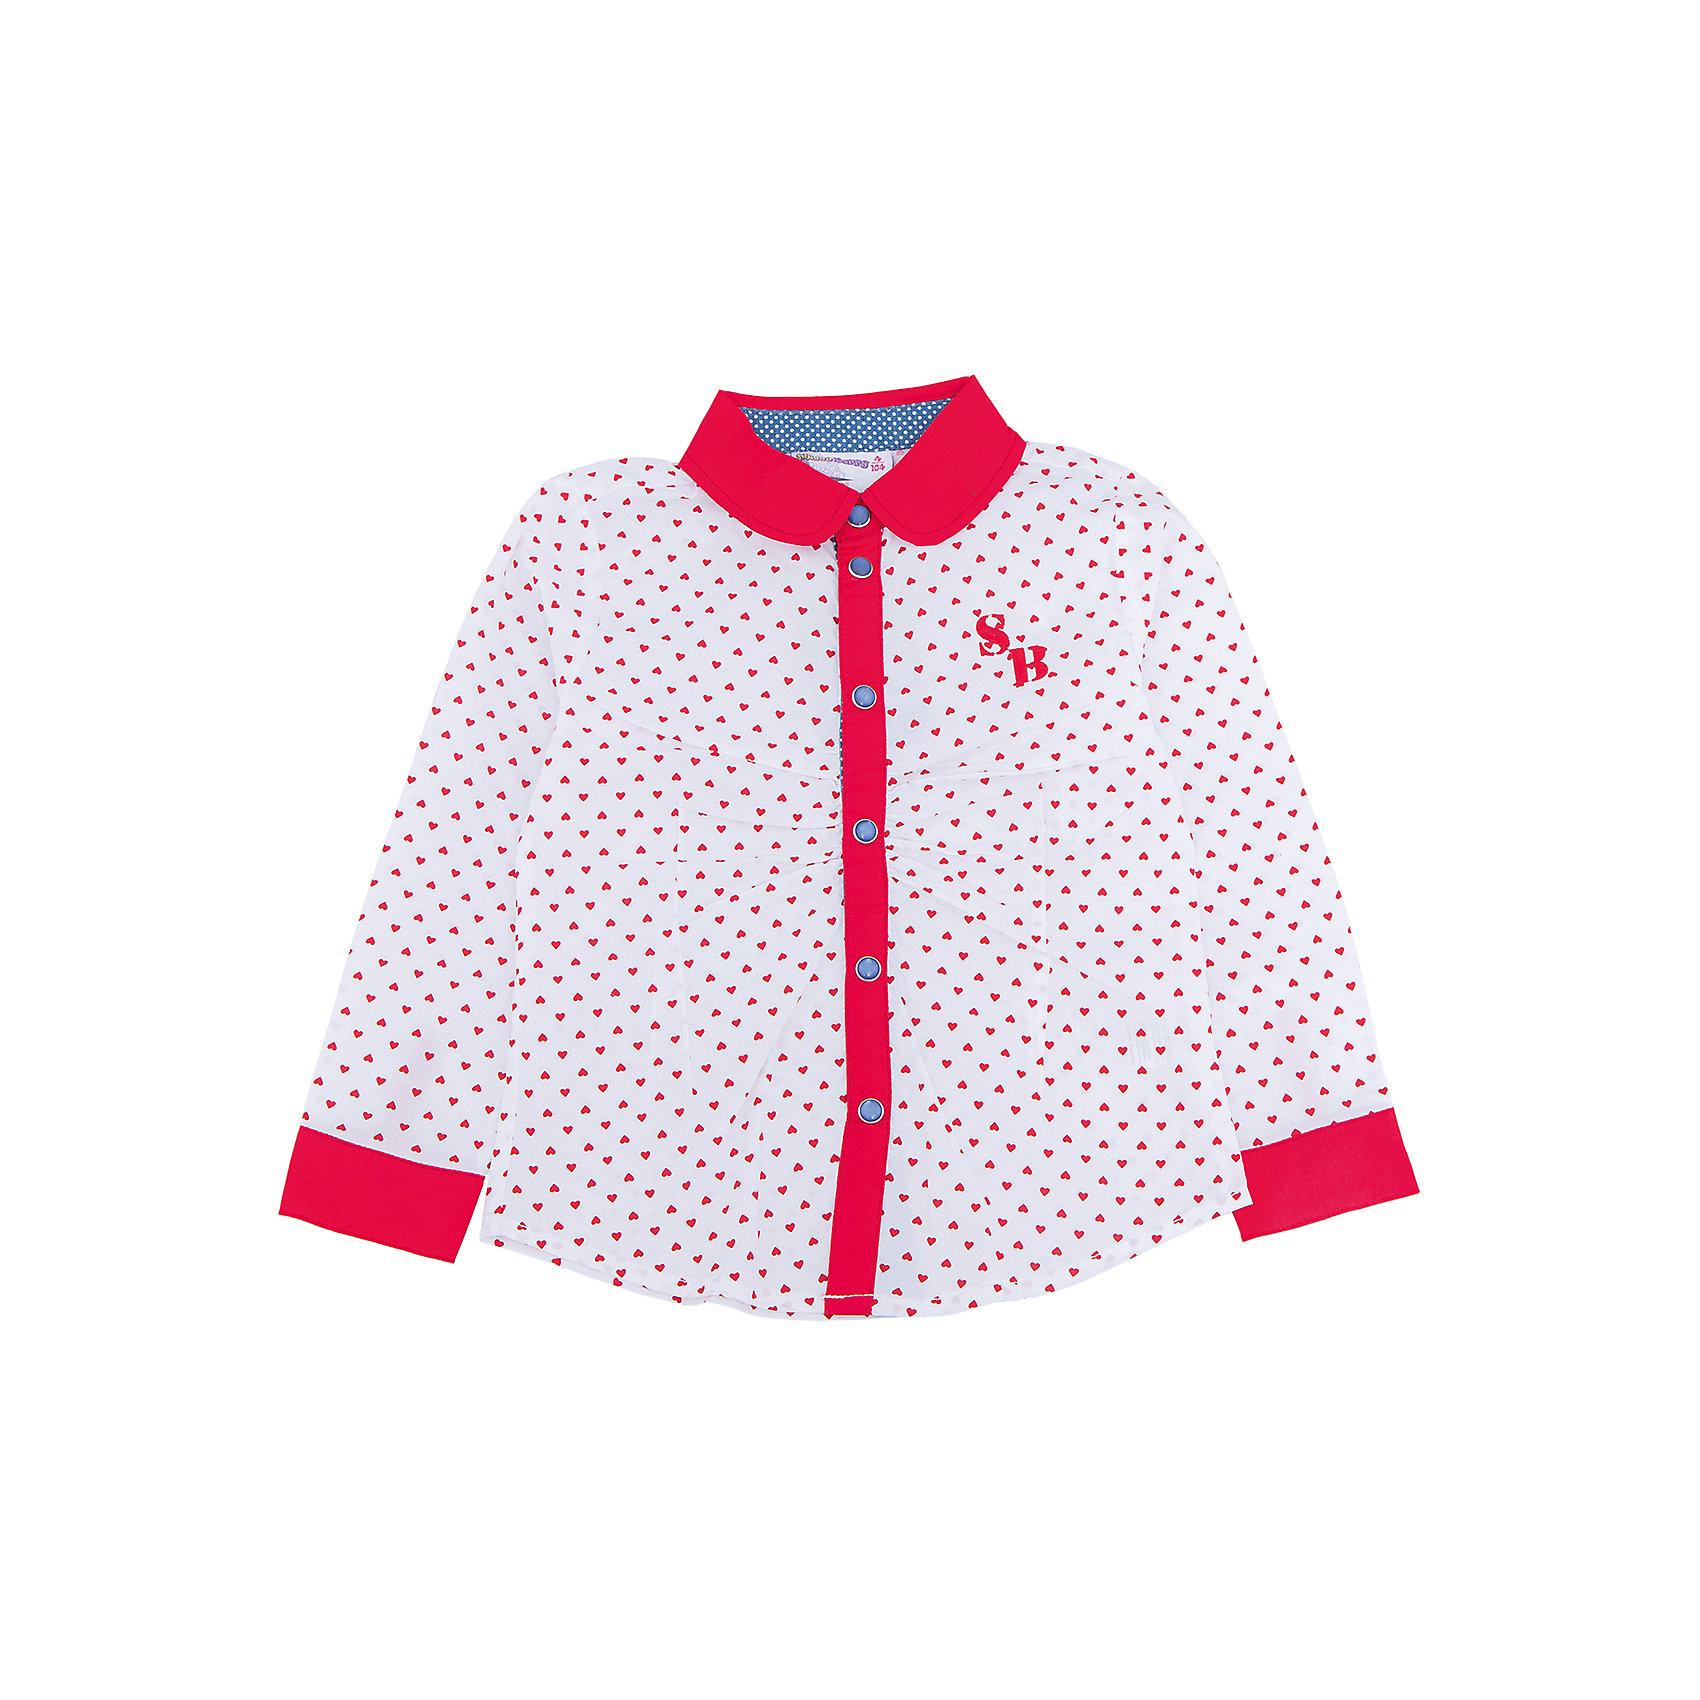 Блузка для девочки Sweet BerryТакая блузка для девочки отличается модным дизайном с ярким принтом. Удачный крой обеспечит ребенку комфорт и тепло. Вещь плотно прилегает к телу там, где нужно, и отлично сидит по фигуре. Декорирована защипами на полочке.<br>Одежда от бренда Sweet Berry - это простой и выгодный способ одеть ребенка удобно и стильно. Всё изделия тщательно проработаны: швы - прочные, материал - качественный, фурнитура - подобранная специально для детей. <br><br>Дополнительная информация:<br><br>цвет: красный;<br>материал: 100% хлопок;<br>застежки: кнопки.<br><br>Блузку для девочки от бренда Sweet Berry можно купить в нашем интернет-магазине.<br><br>Ширина мм: 186<br>Глубина мм: 87<br>Высота мм: 198<br>Вес г: 197<br>Цвет: красный<br>Возраст от месяцев: 24<br>Возраст до месяцев: 36<br>Пол: Женский<br>Возраст: Детский<br>Размер: 98,104,110,116,122,128<br>SKU: 4931511